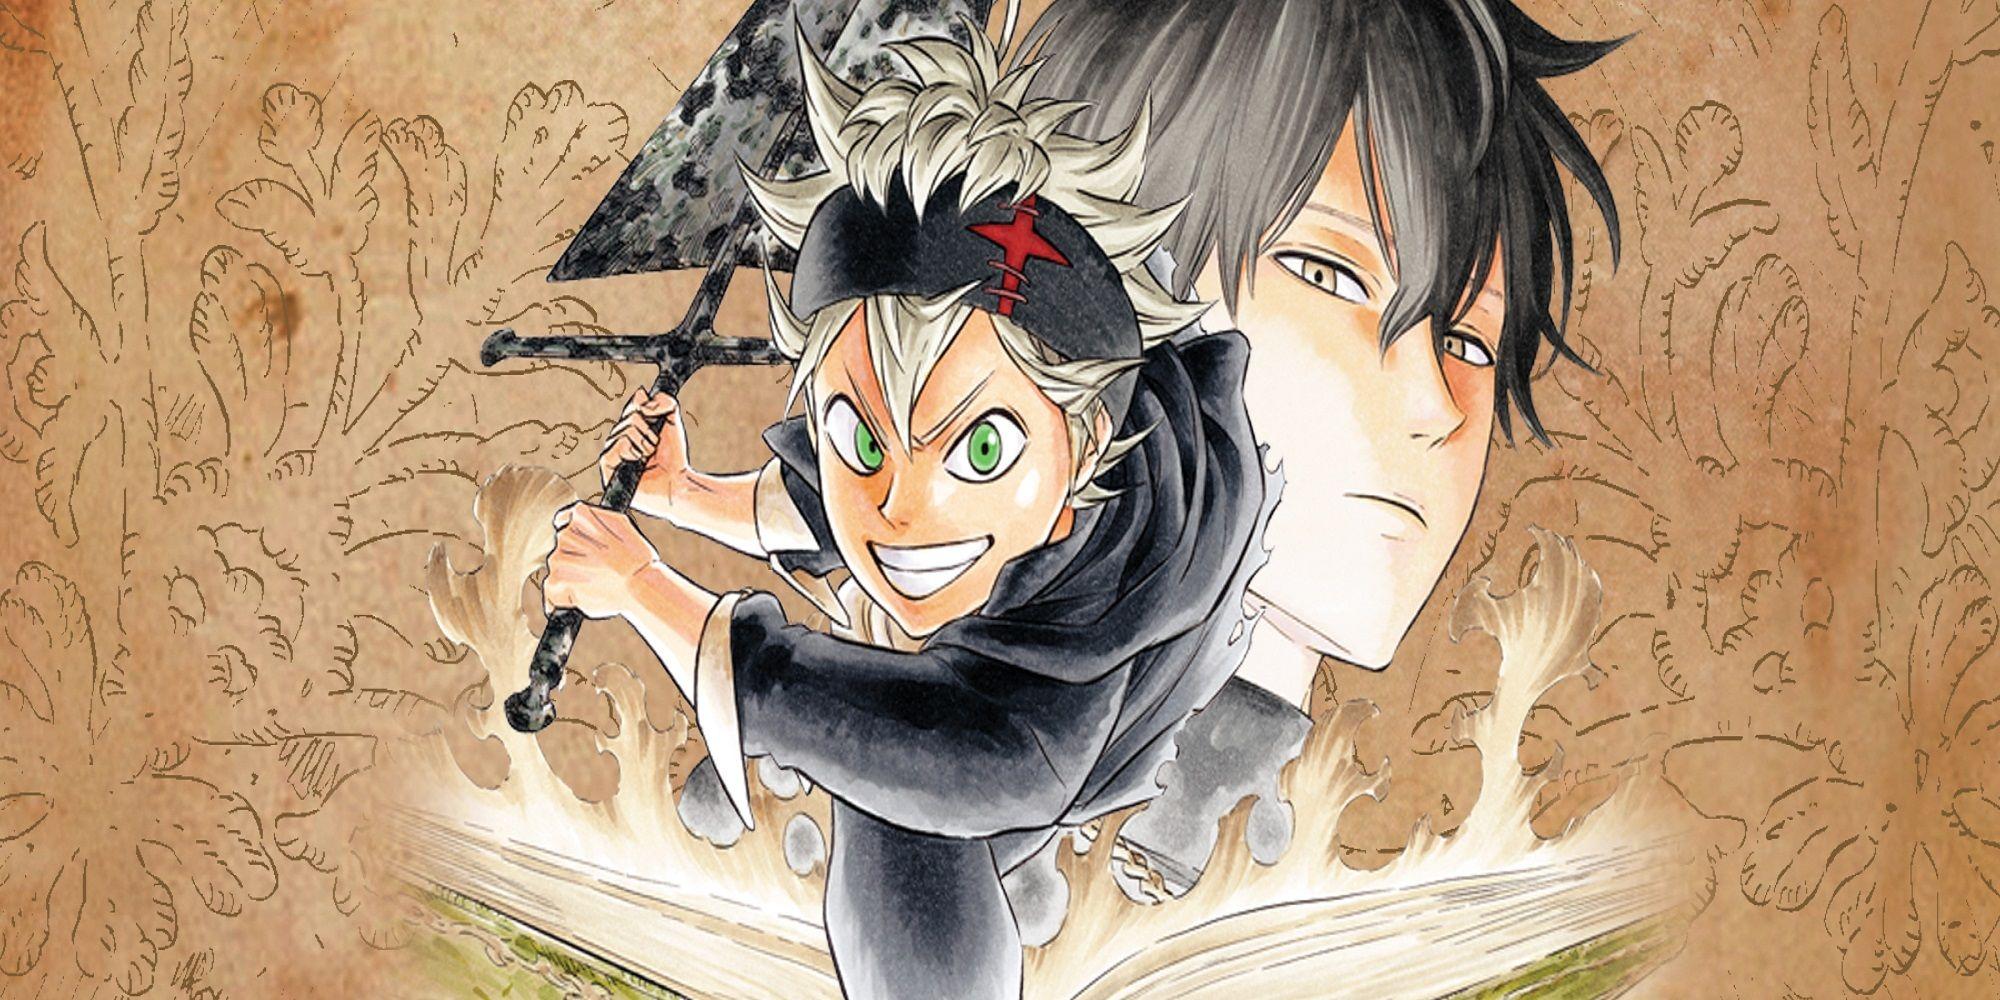 انمى Overlord اوفر لورد الموسم الثالث الحلقة التاسعة 9 Overlord مترجمة والمشاهدة اونلاين احدث القصة ماخوذة م Black Clover Manga Anime Read Black Clover Manga